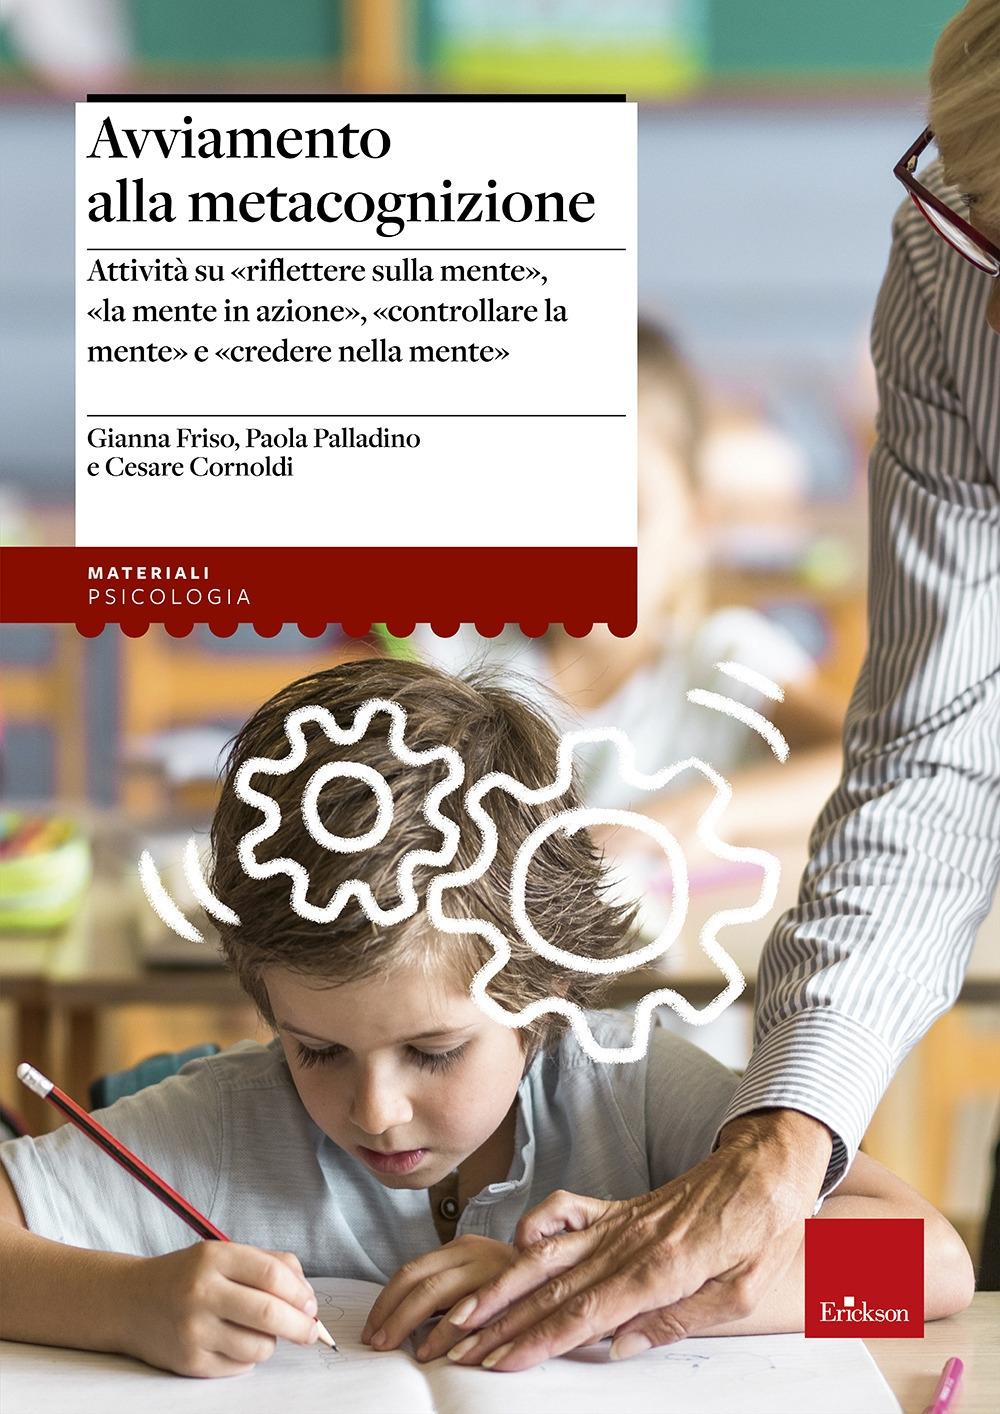 Avviamento alla metacognizione. Attività su